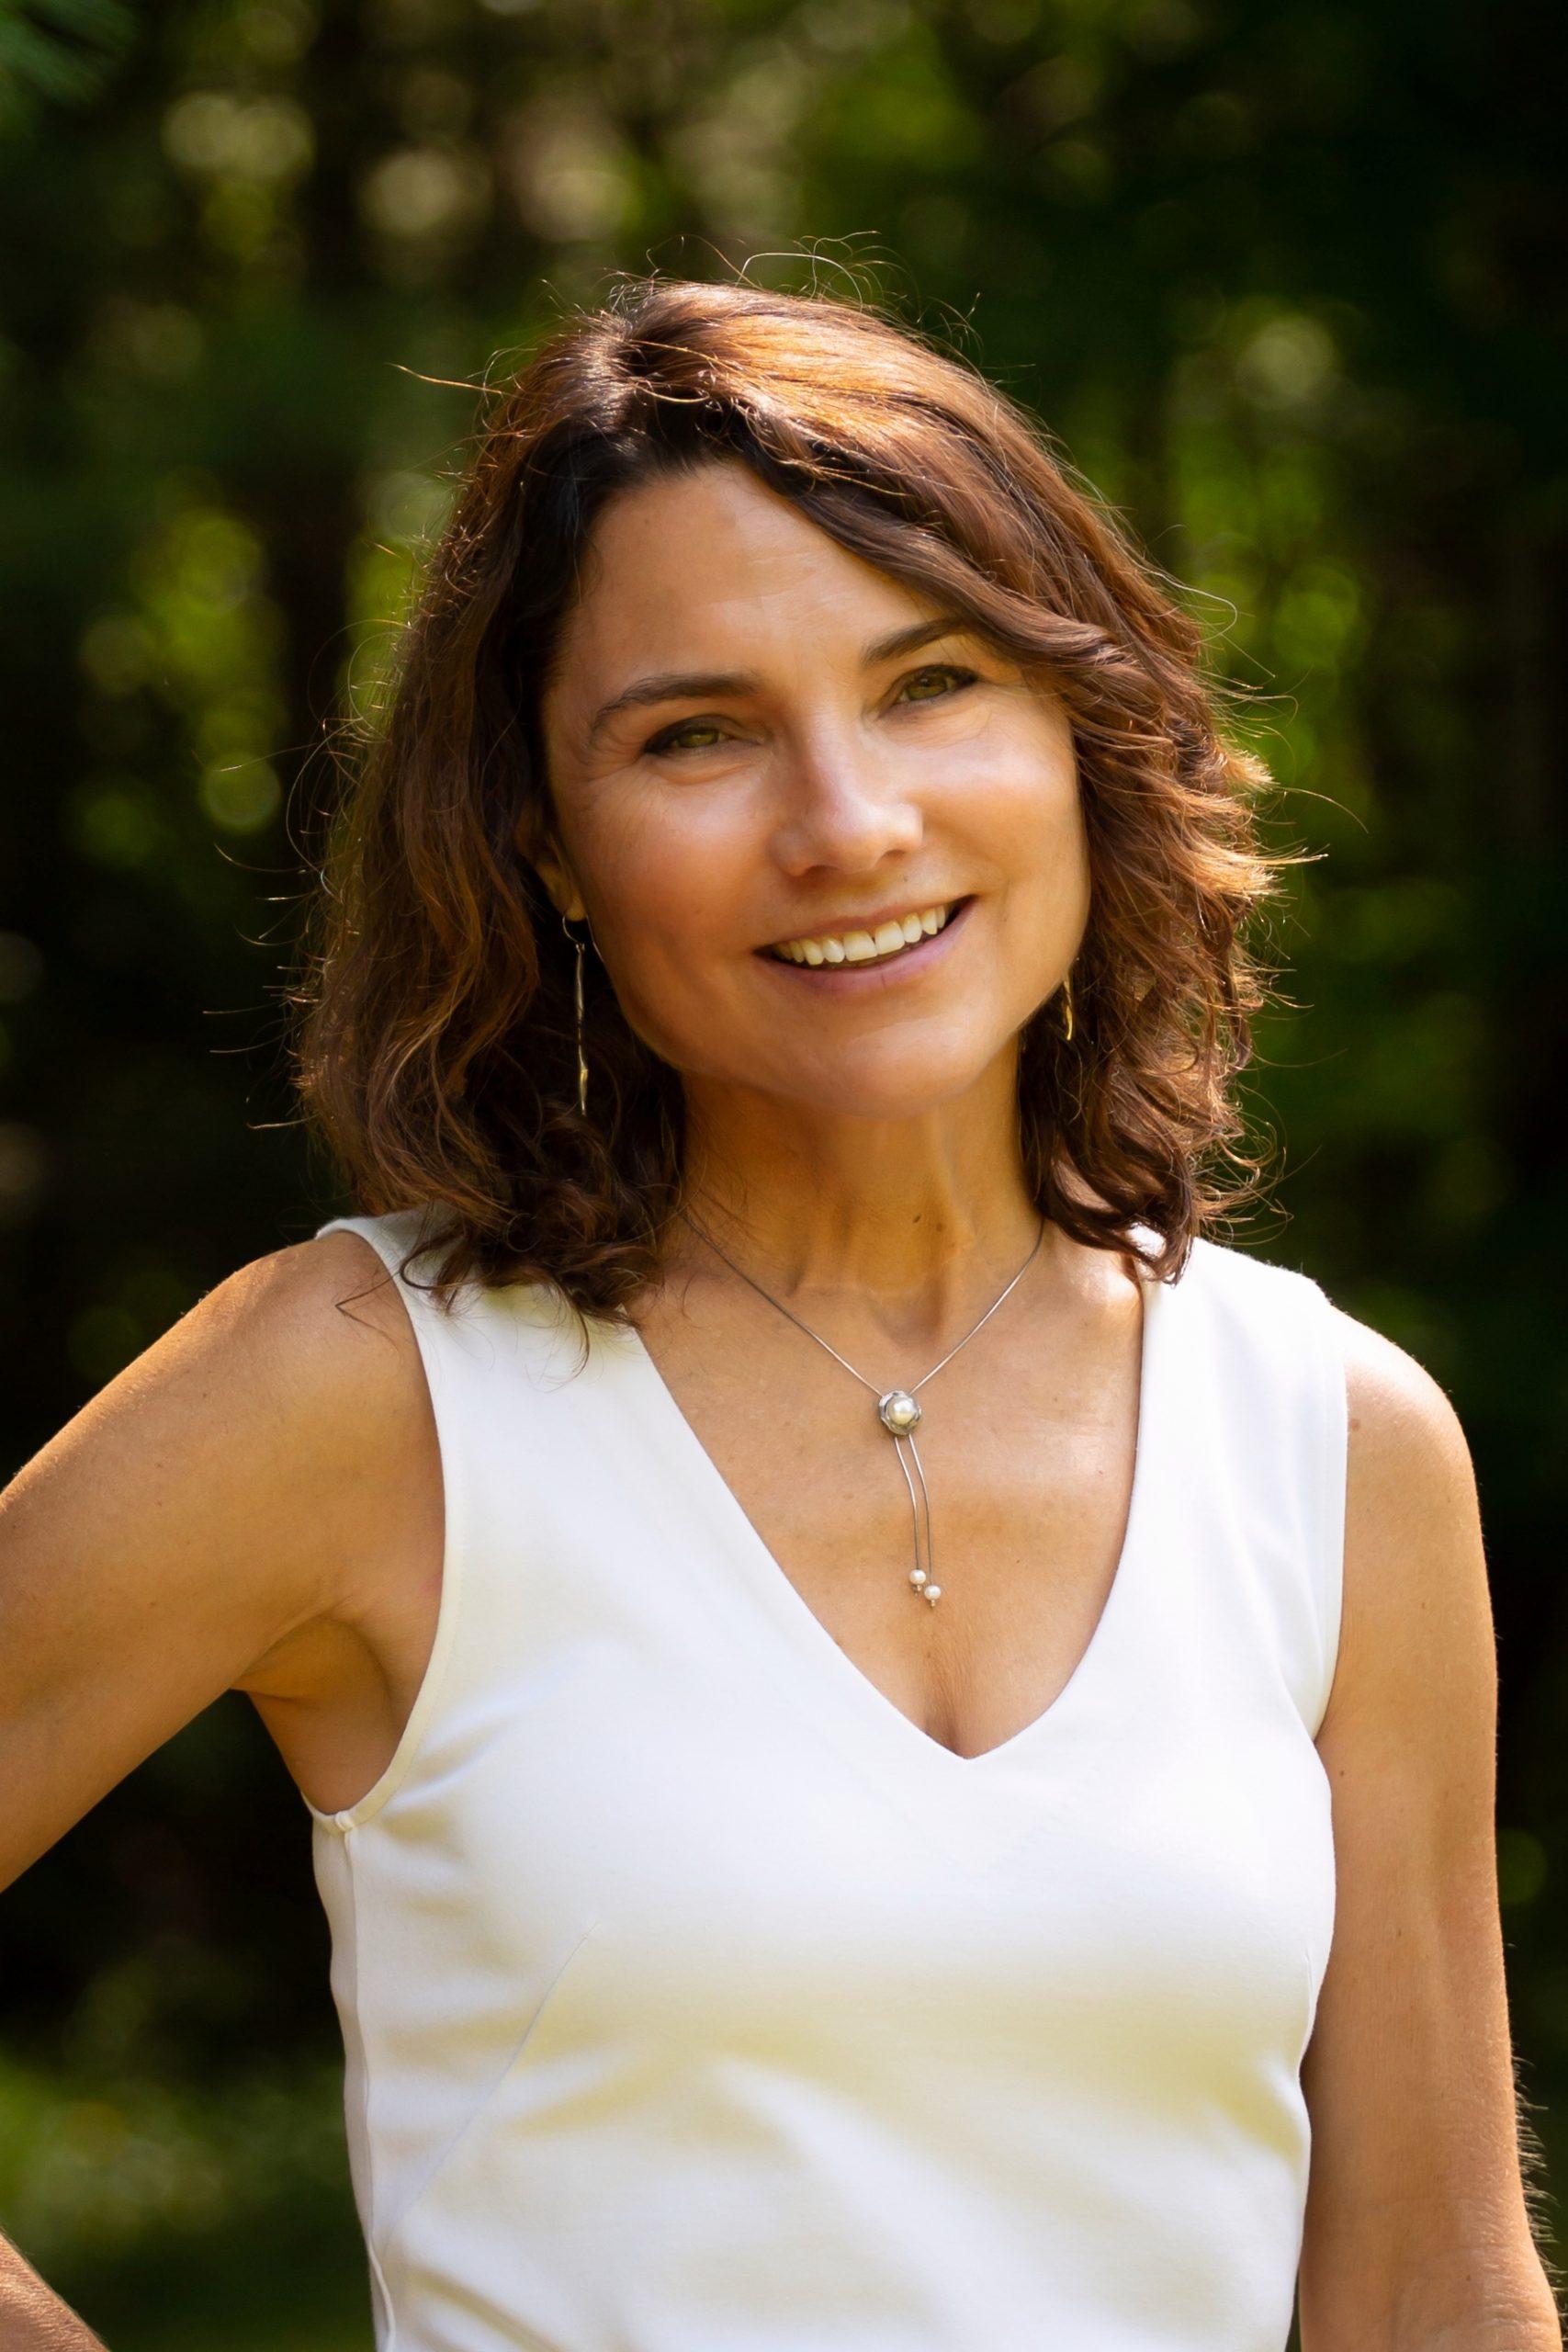 Laura O'Keefe